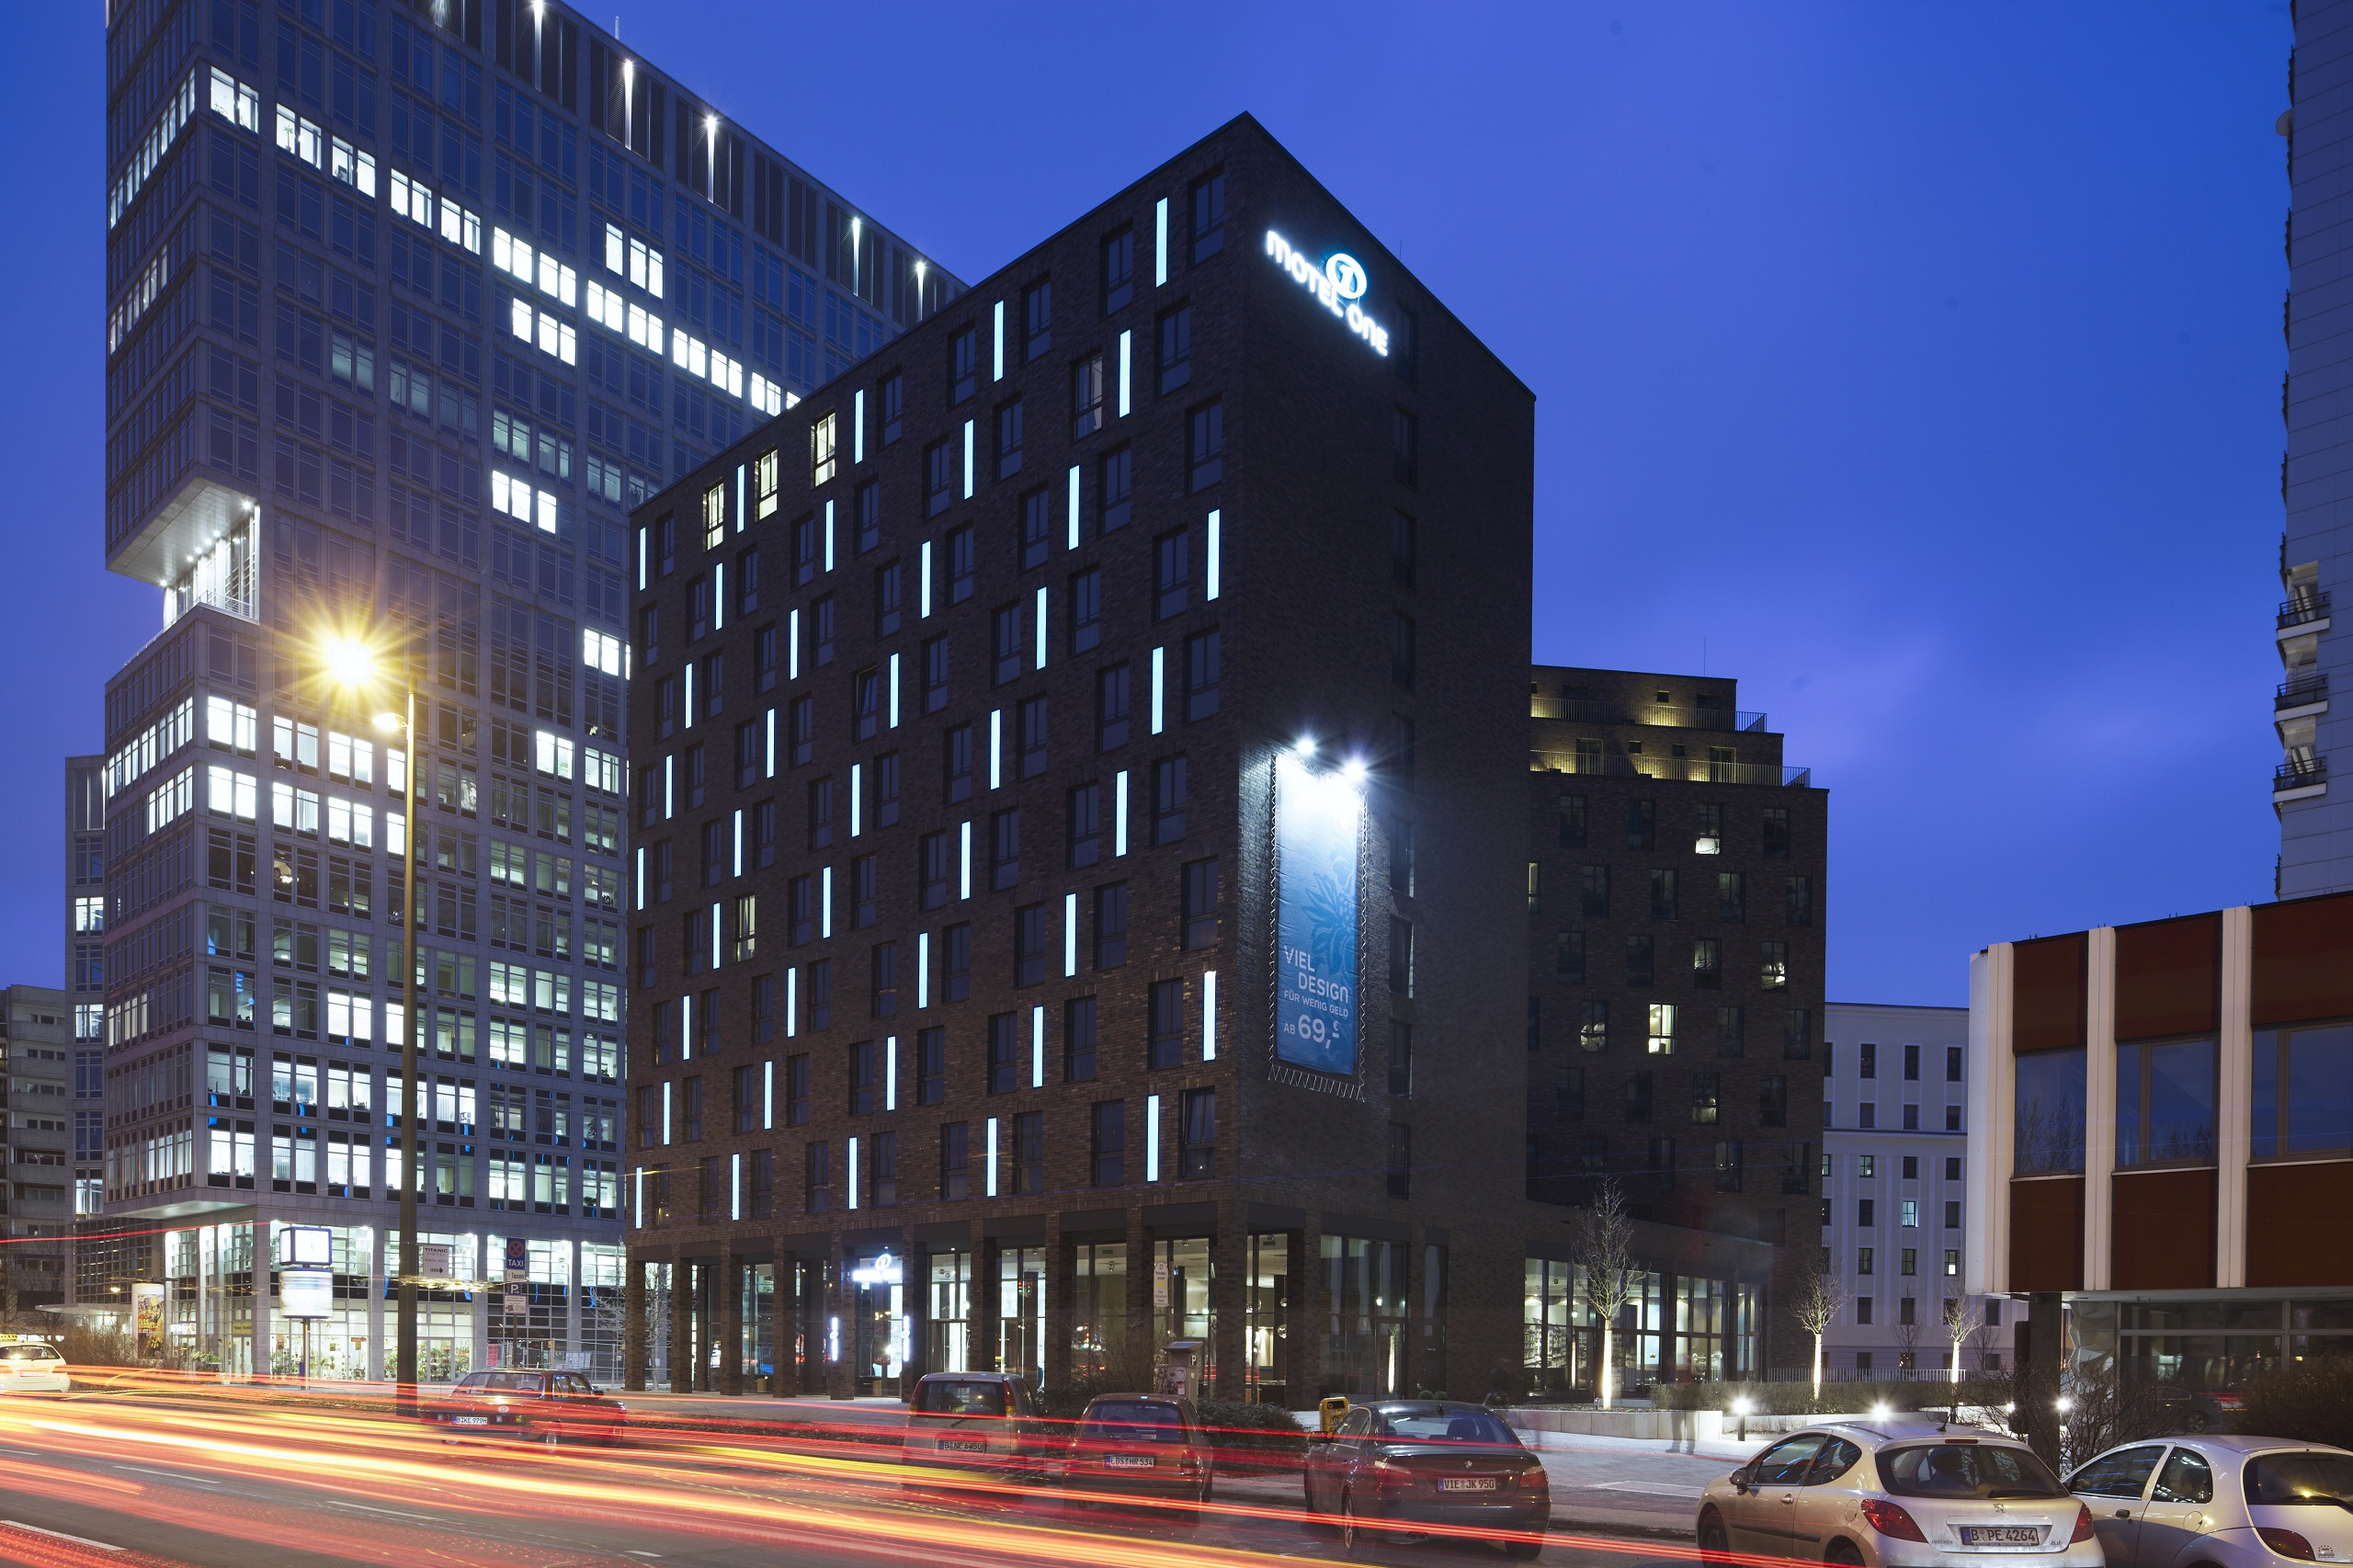 Hotel Berlin Spittelmarkt Motel One Design Hotels Berlin Spittelmarkt